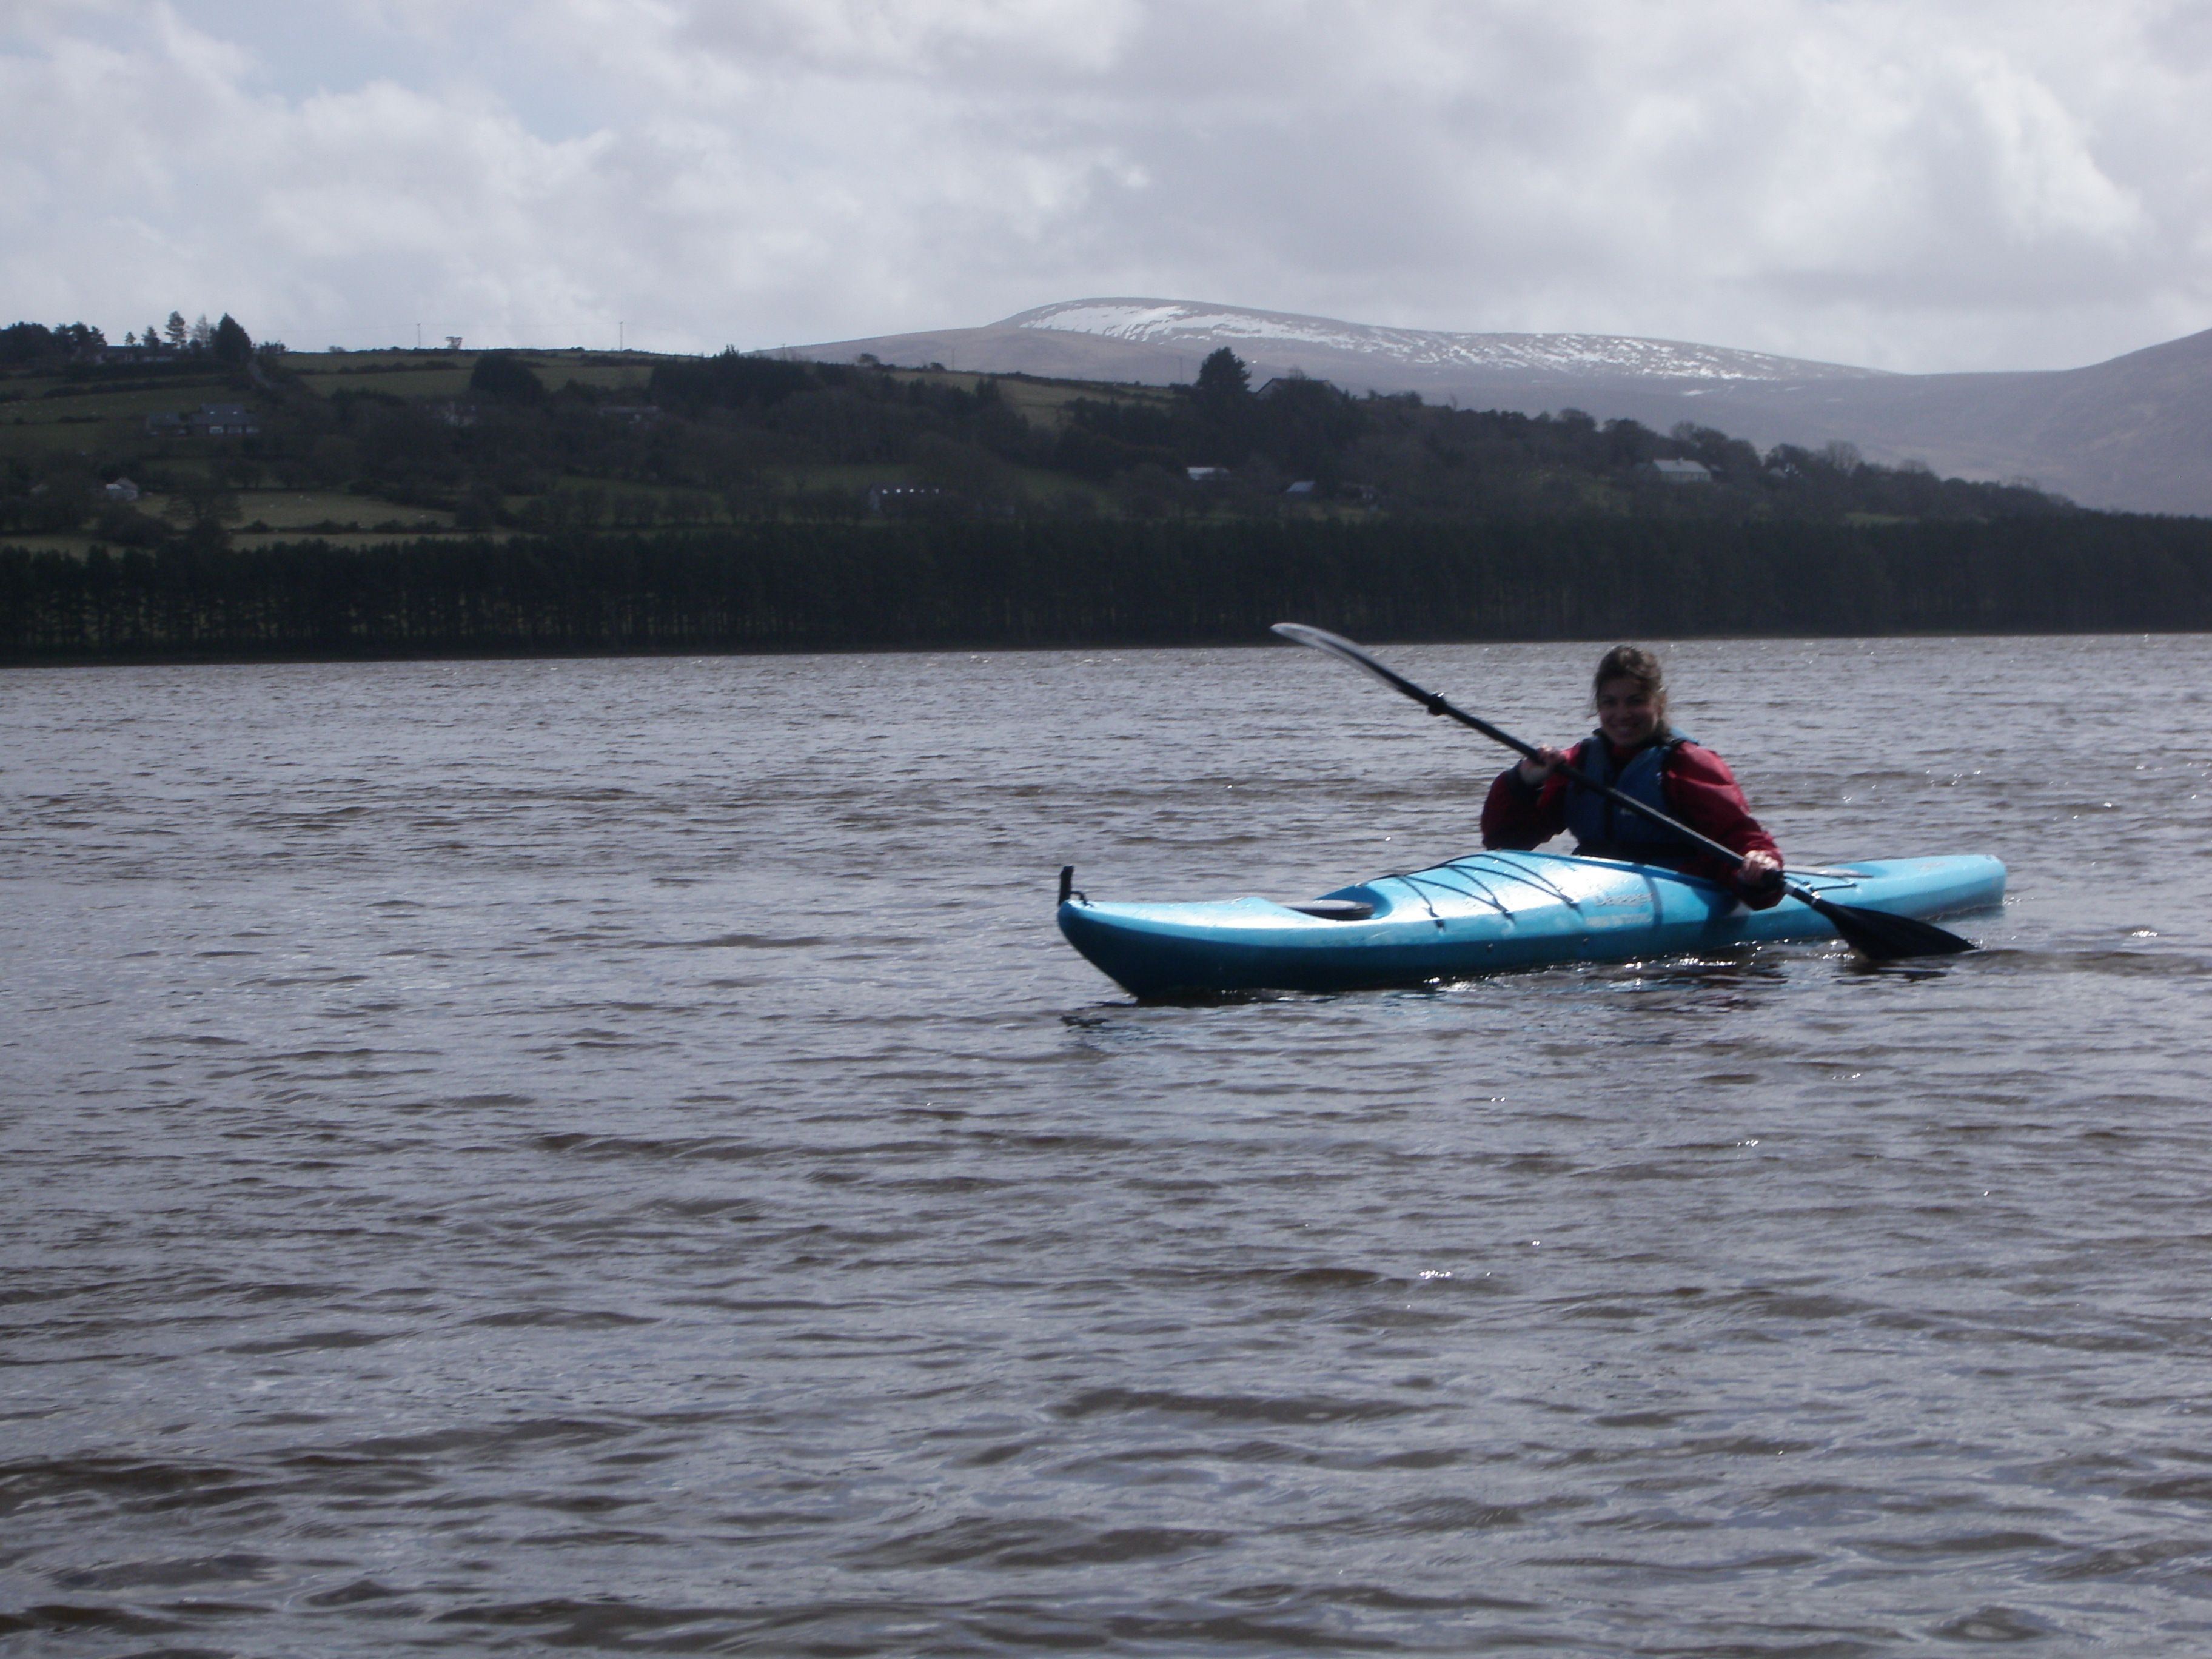 Con il sole e con il grigio, con il vento pro o contro...  kayaking!